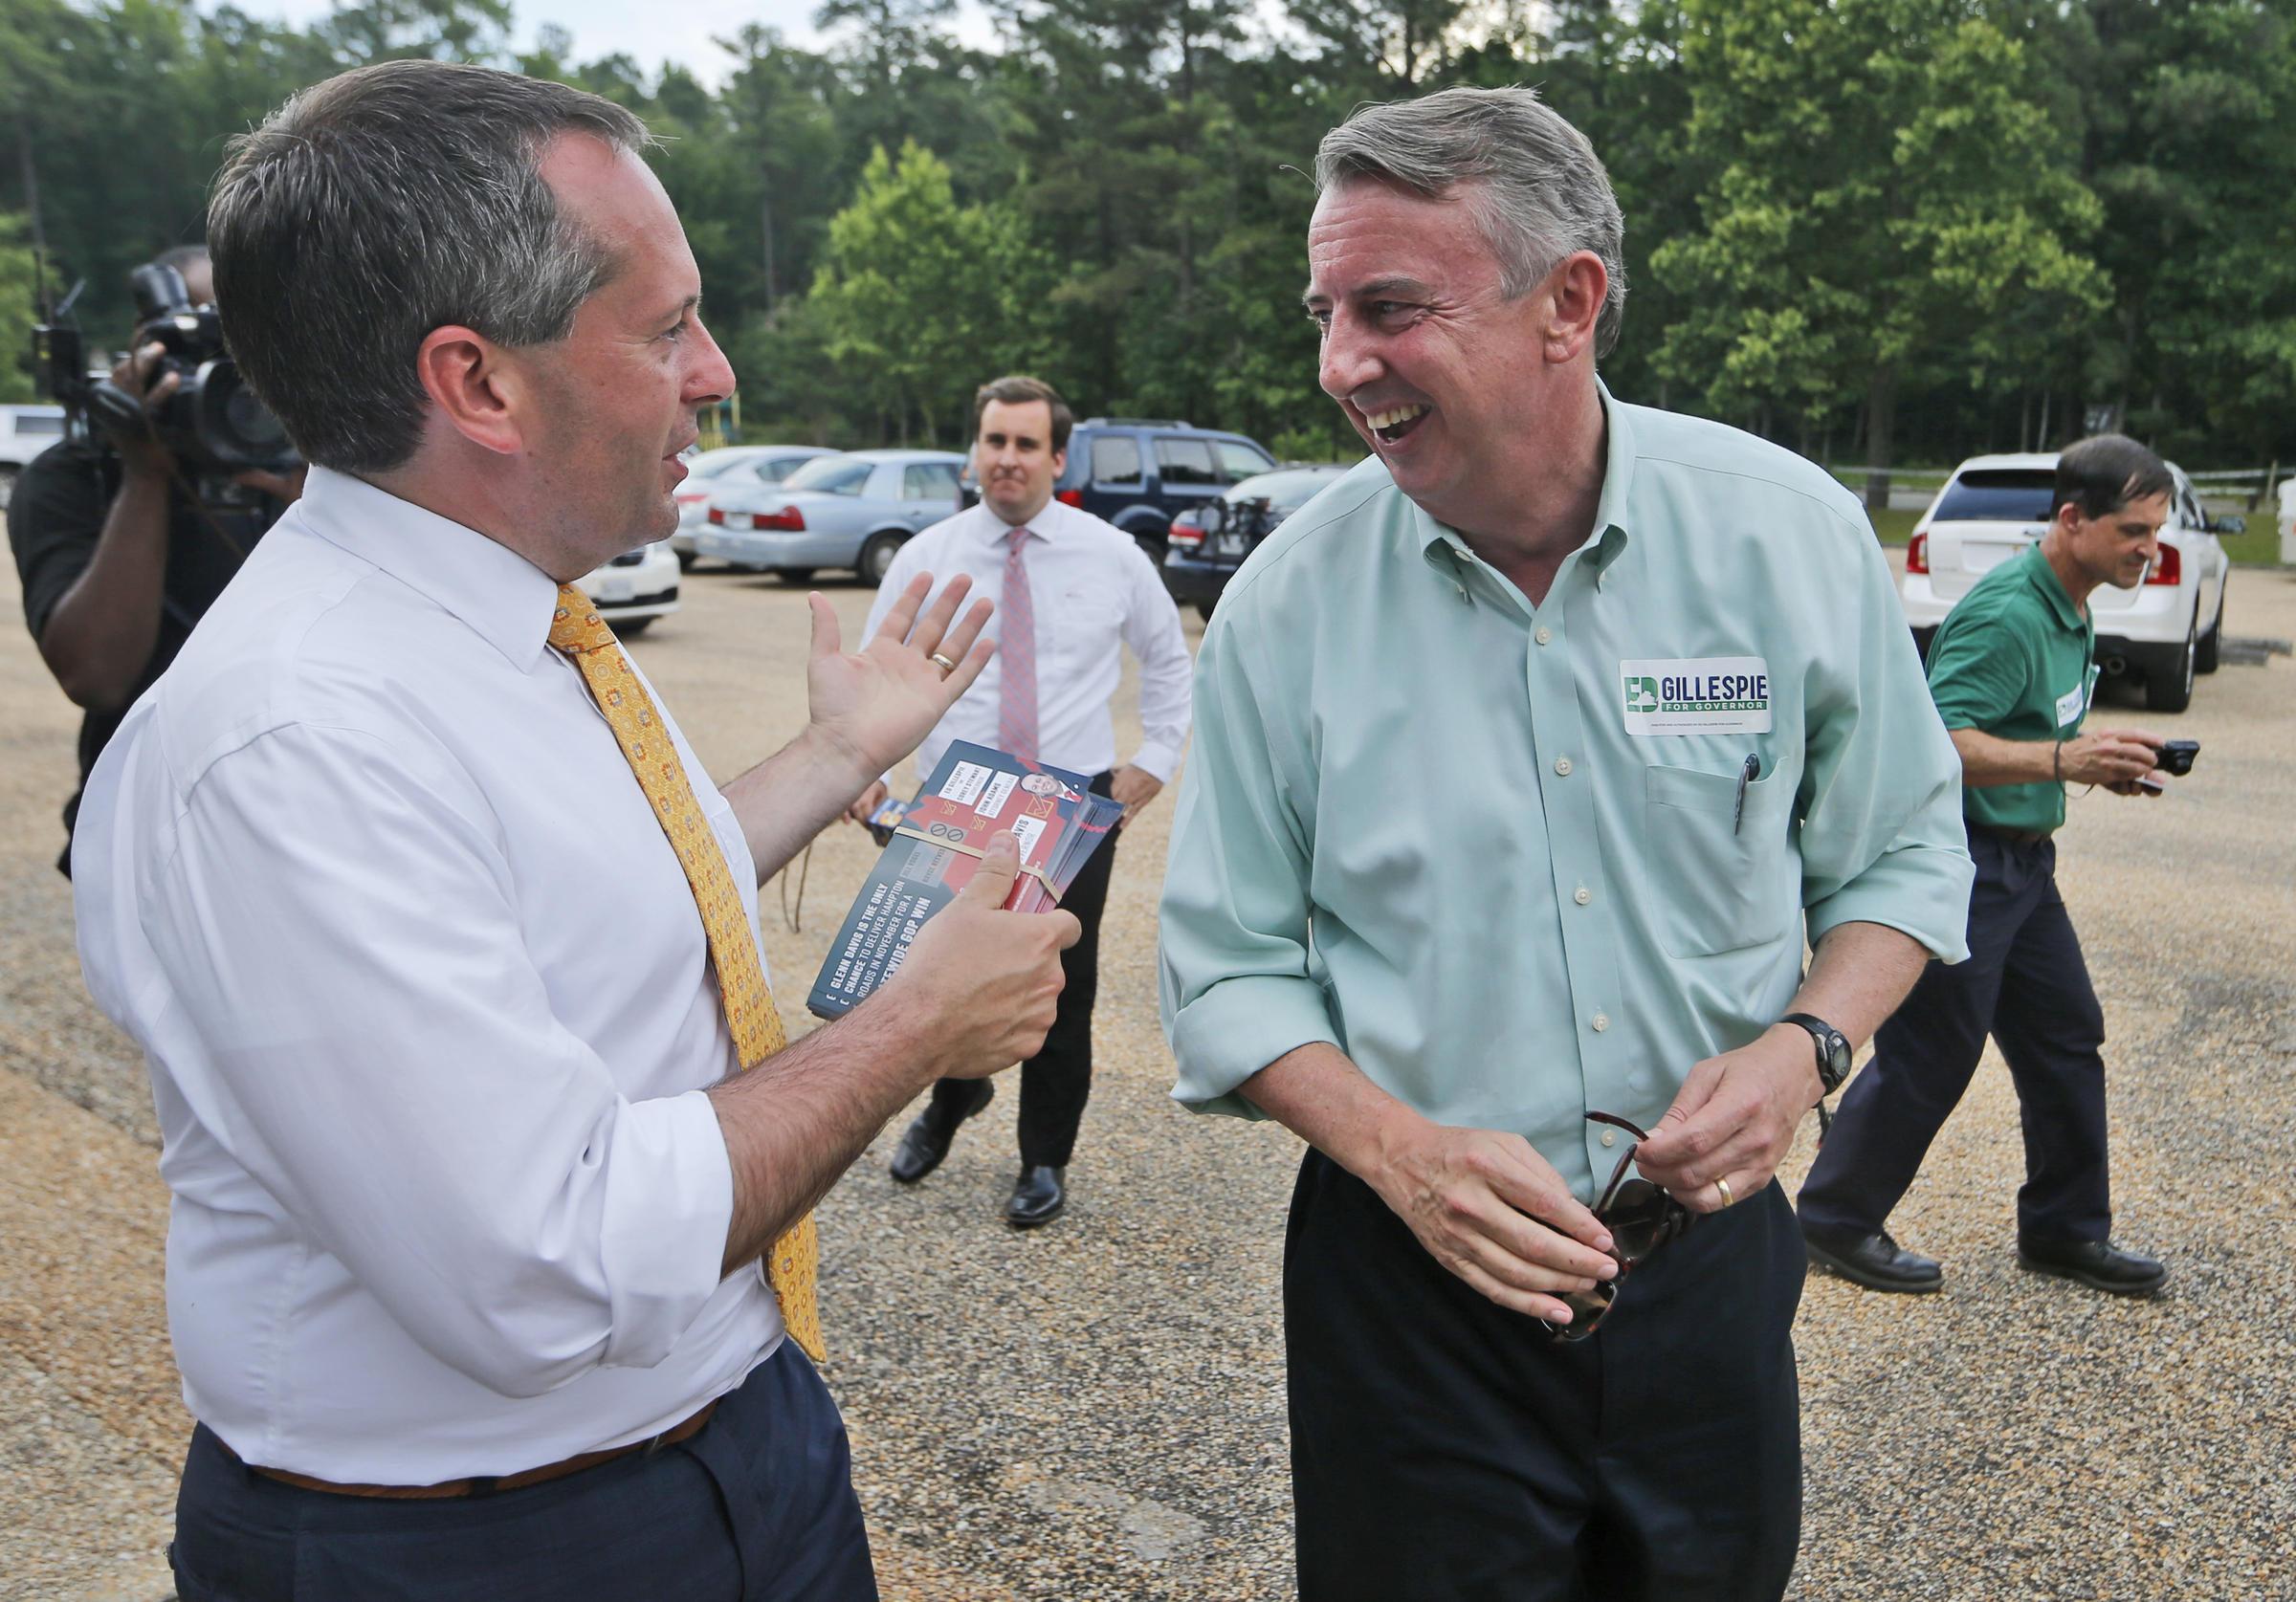 Establishment candidates prevail in Virginia governor primaries